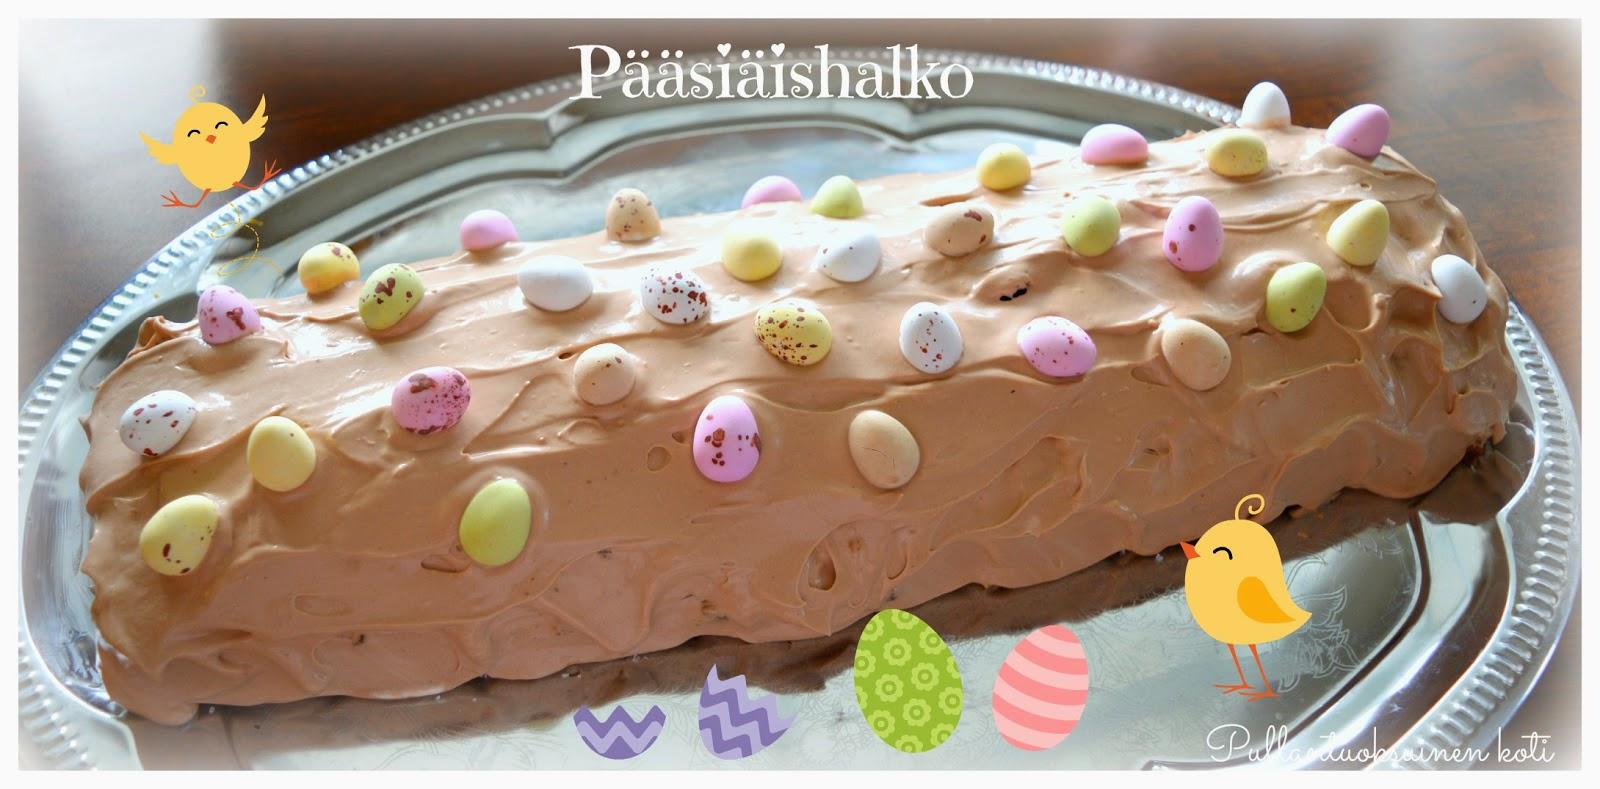 #pääsiäishalko #kääretorttu #leivonnainen #baking #easterroll #eastercake #easterbaking #easter #chocolatecake